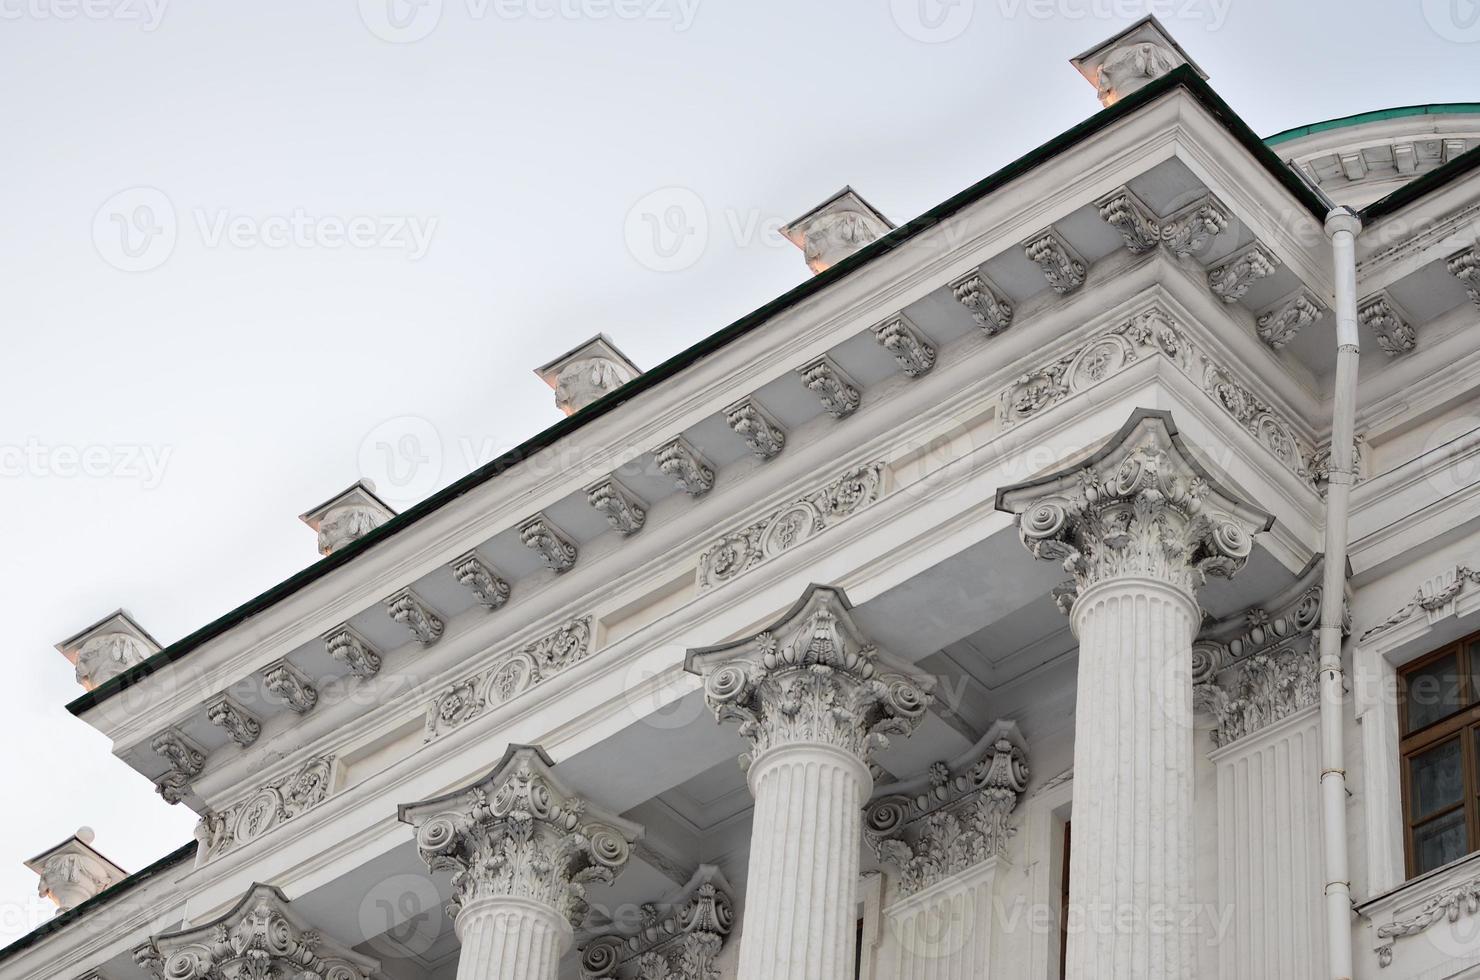 cornice i den centrala byggnaden hus Pashkov, Moskva foto